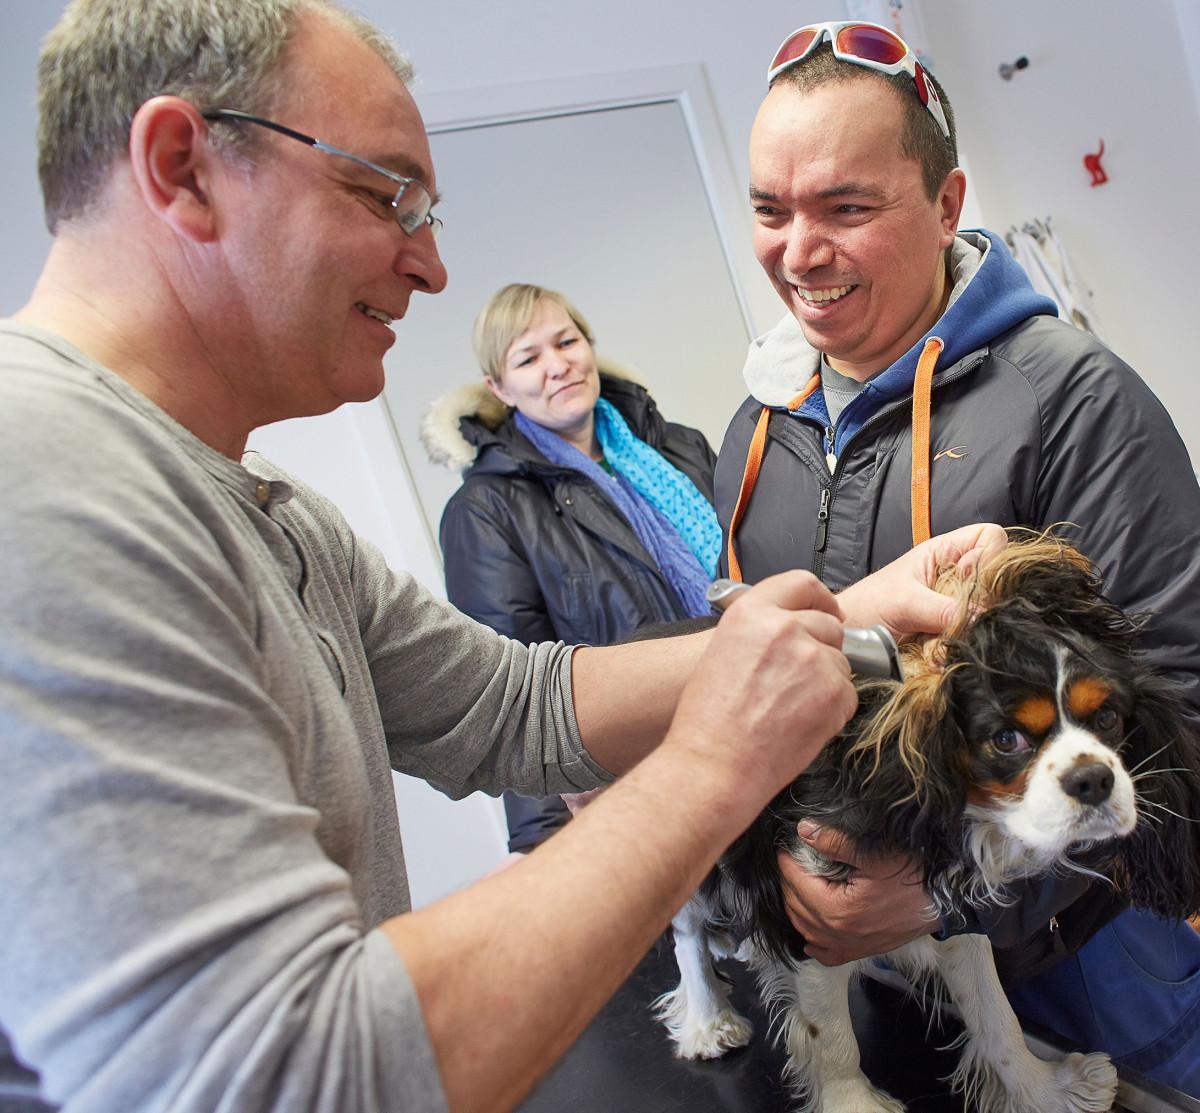 Dyrlæge Jens Eslau, undersøger hunden Chilli, Mens ejeren John og Sasha Ostermann hjælper til